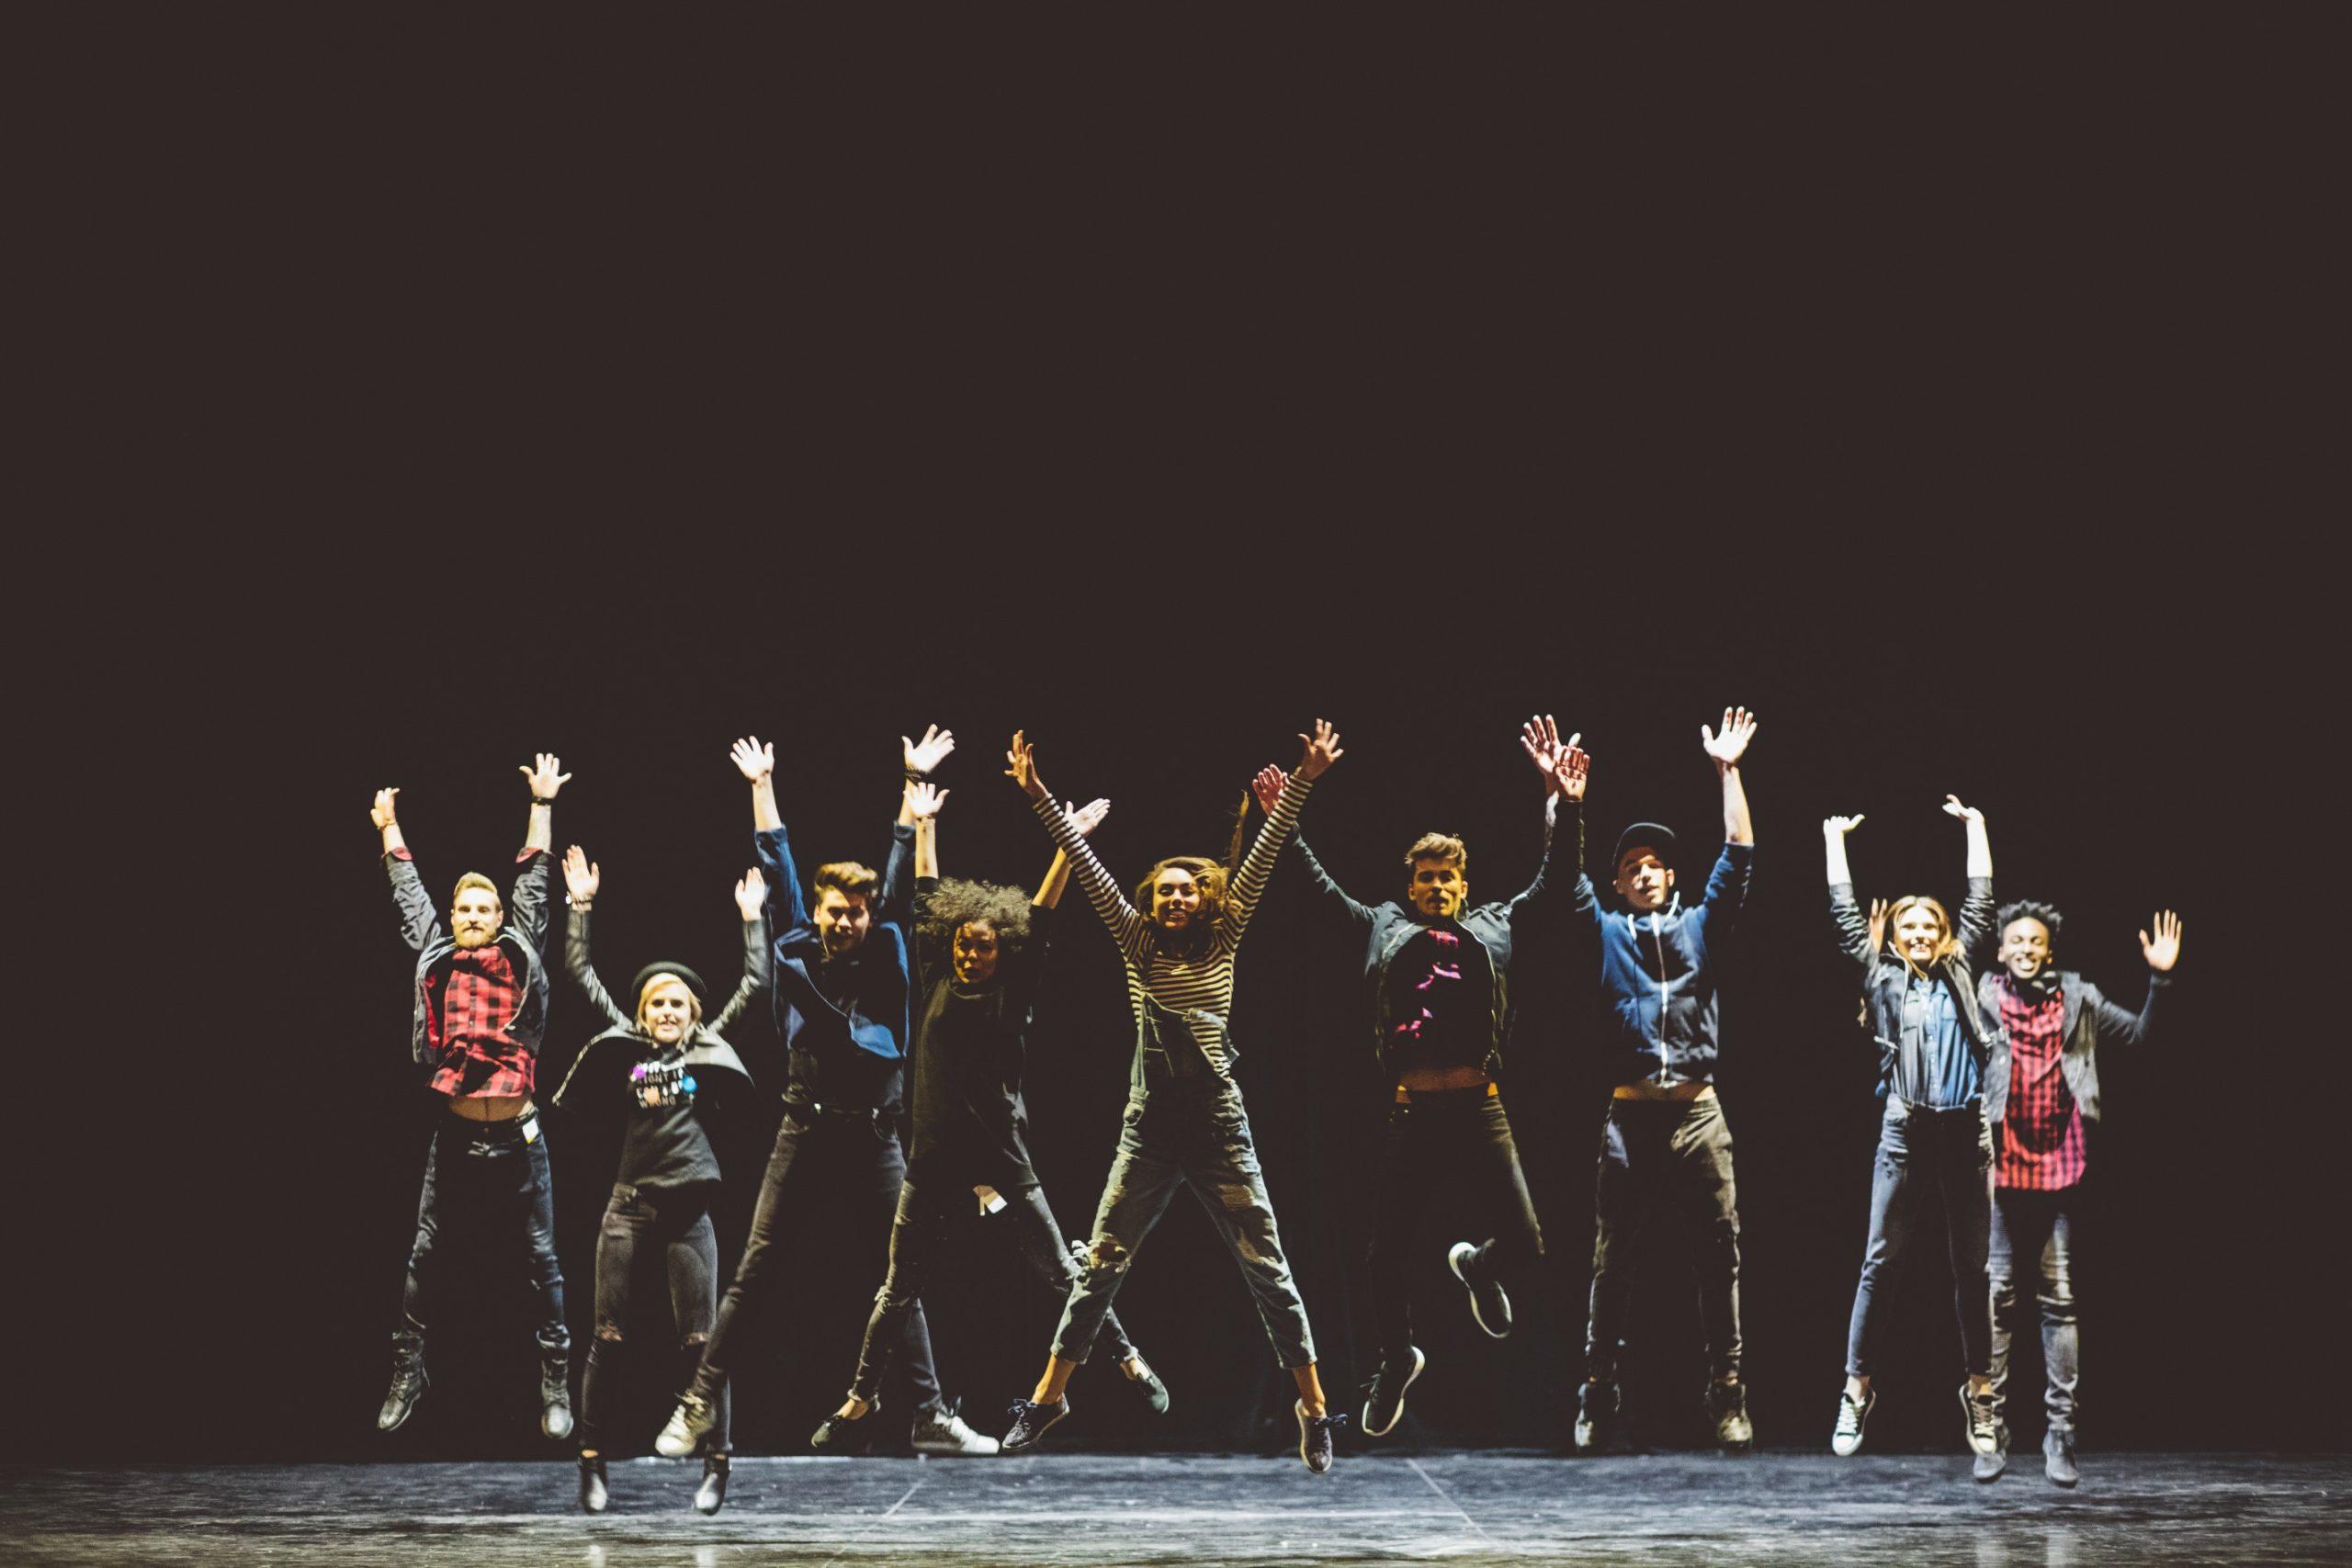 Clases de arte dramático y teatro musical